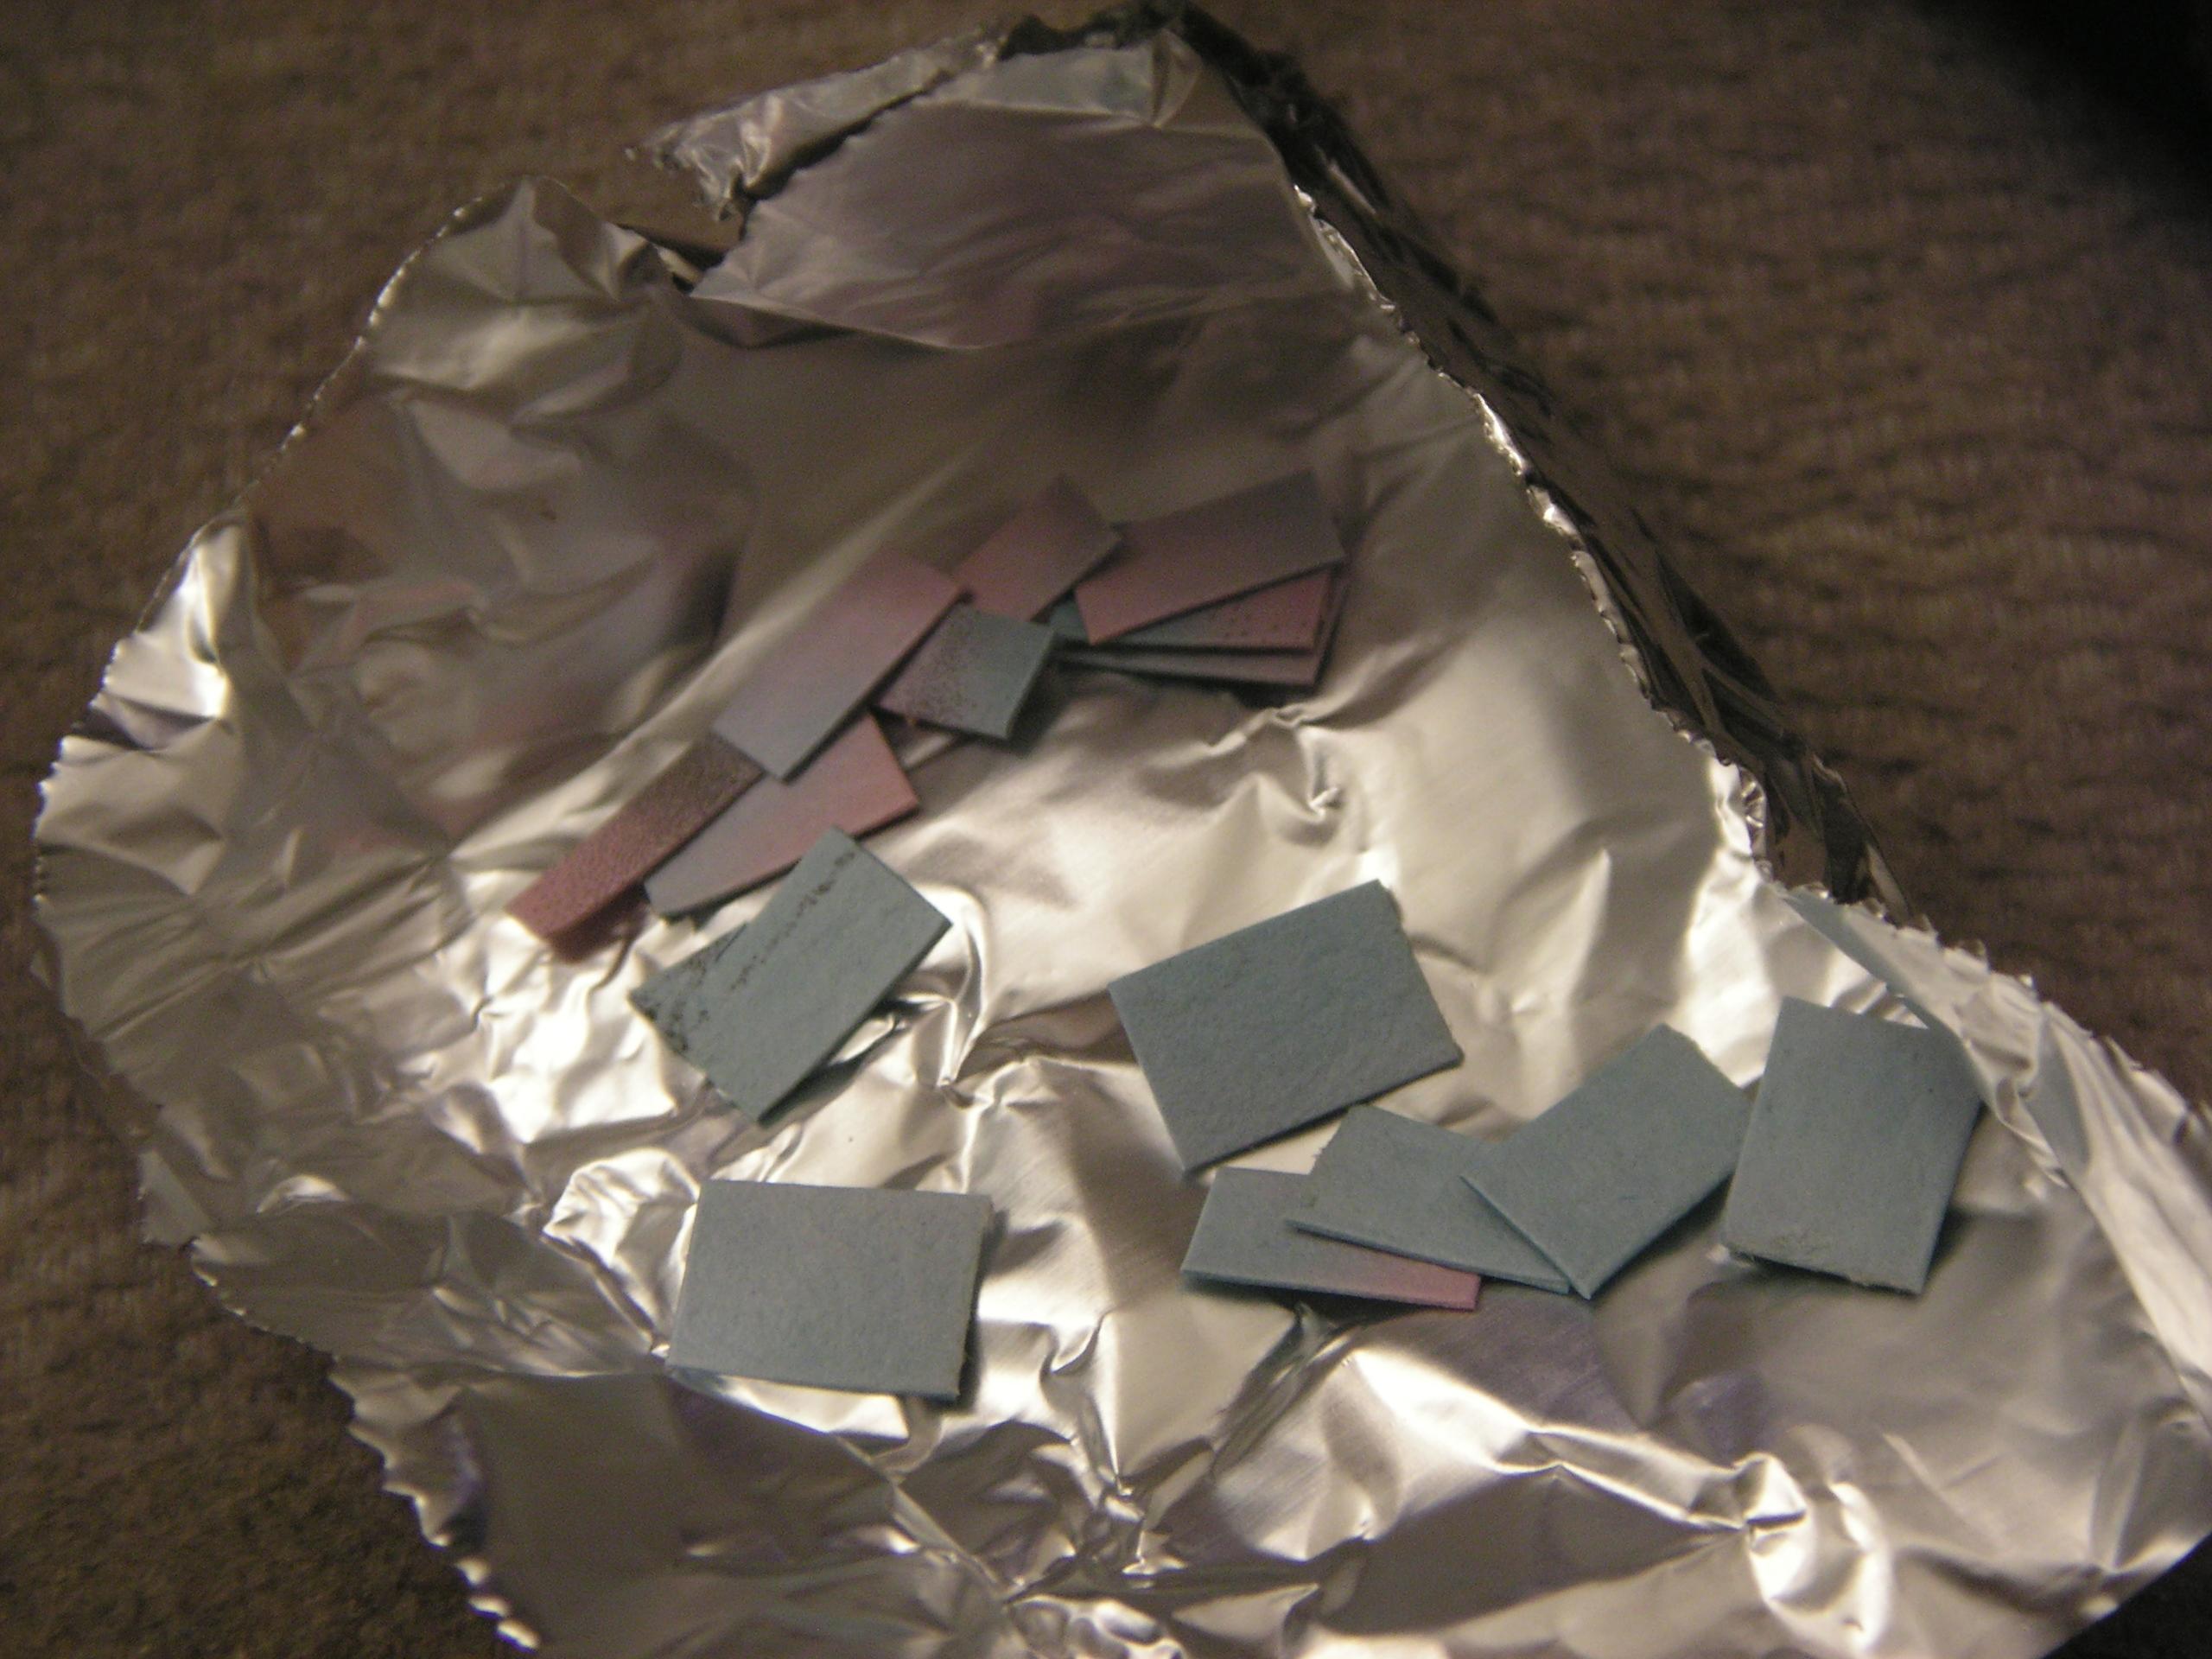 File:LSD Tabs jpg - Wikimedia Commons